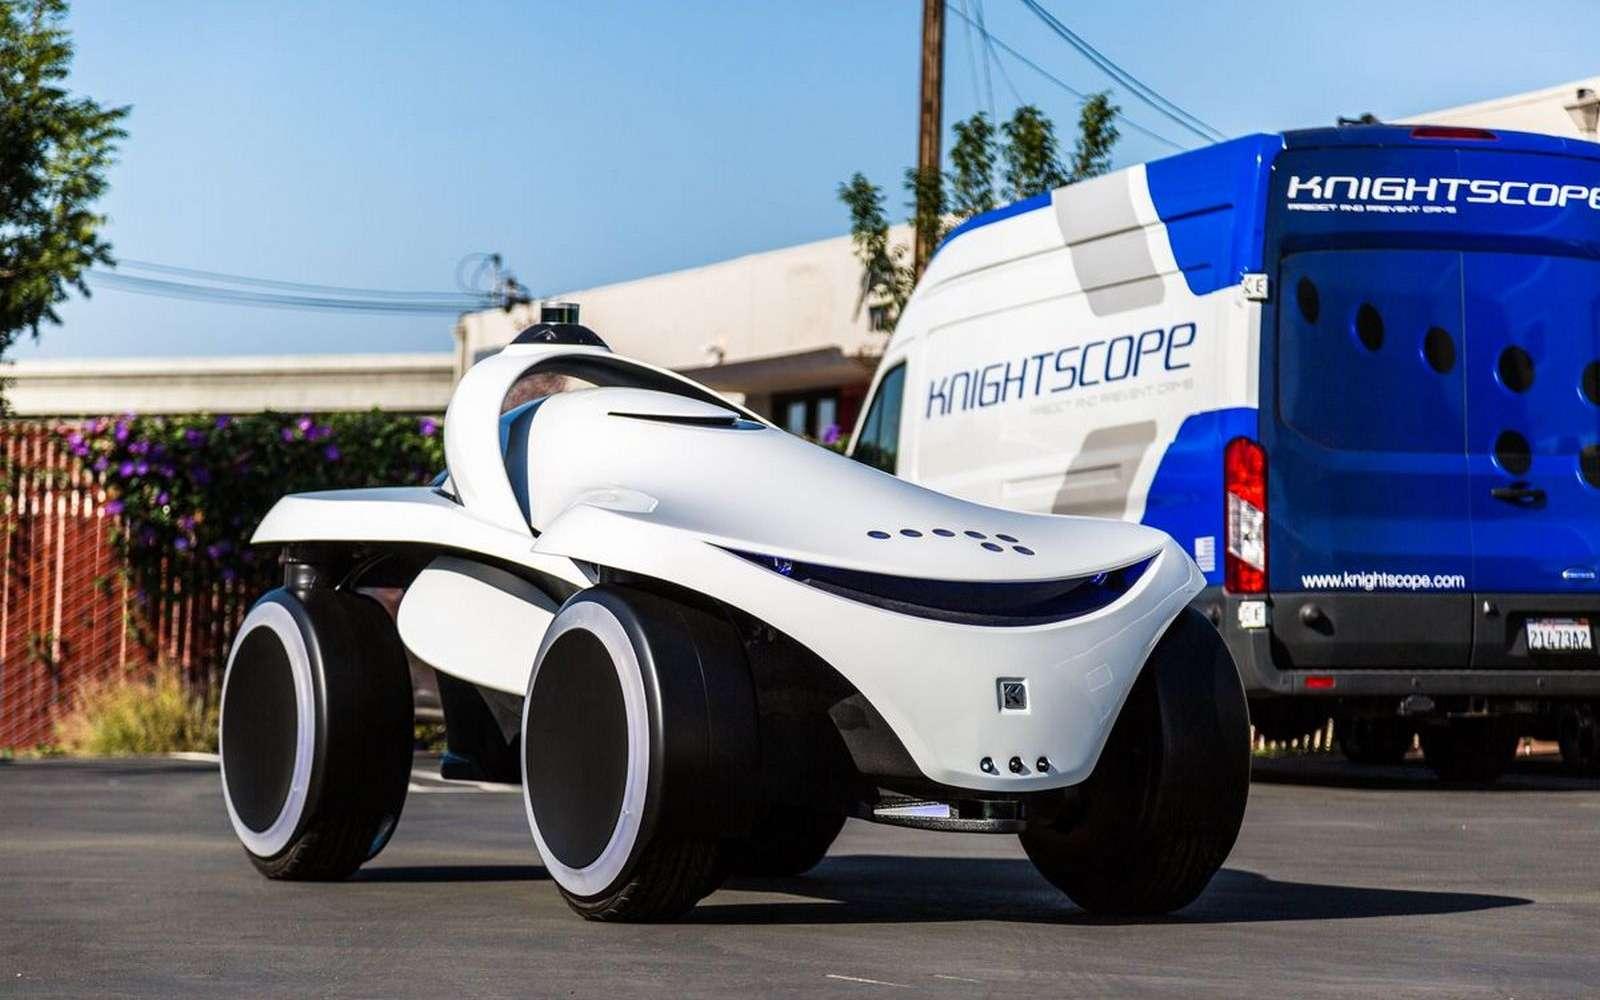 Le robot vigile K7 est un buggy destiné à patrouiller sur des terrains accidentés. © Knightscope